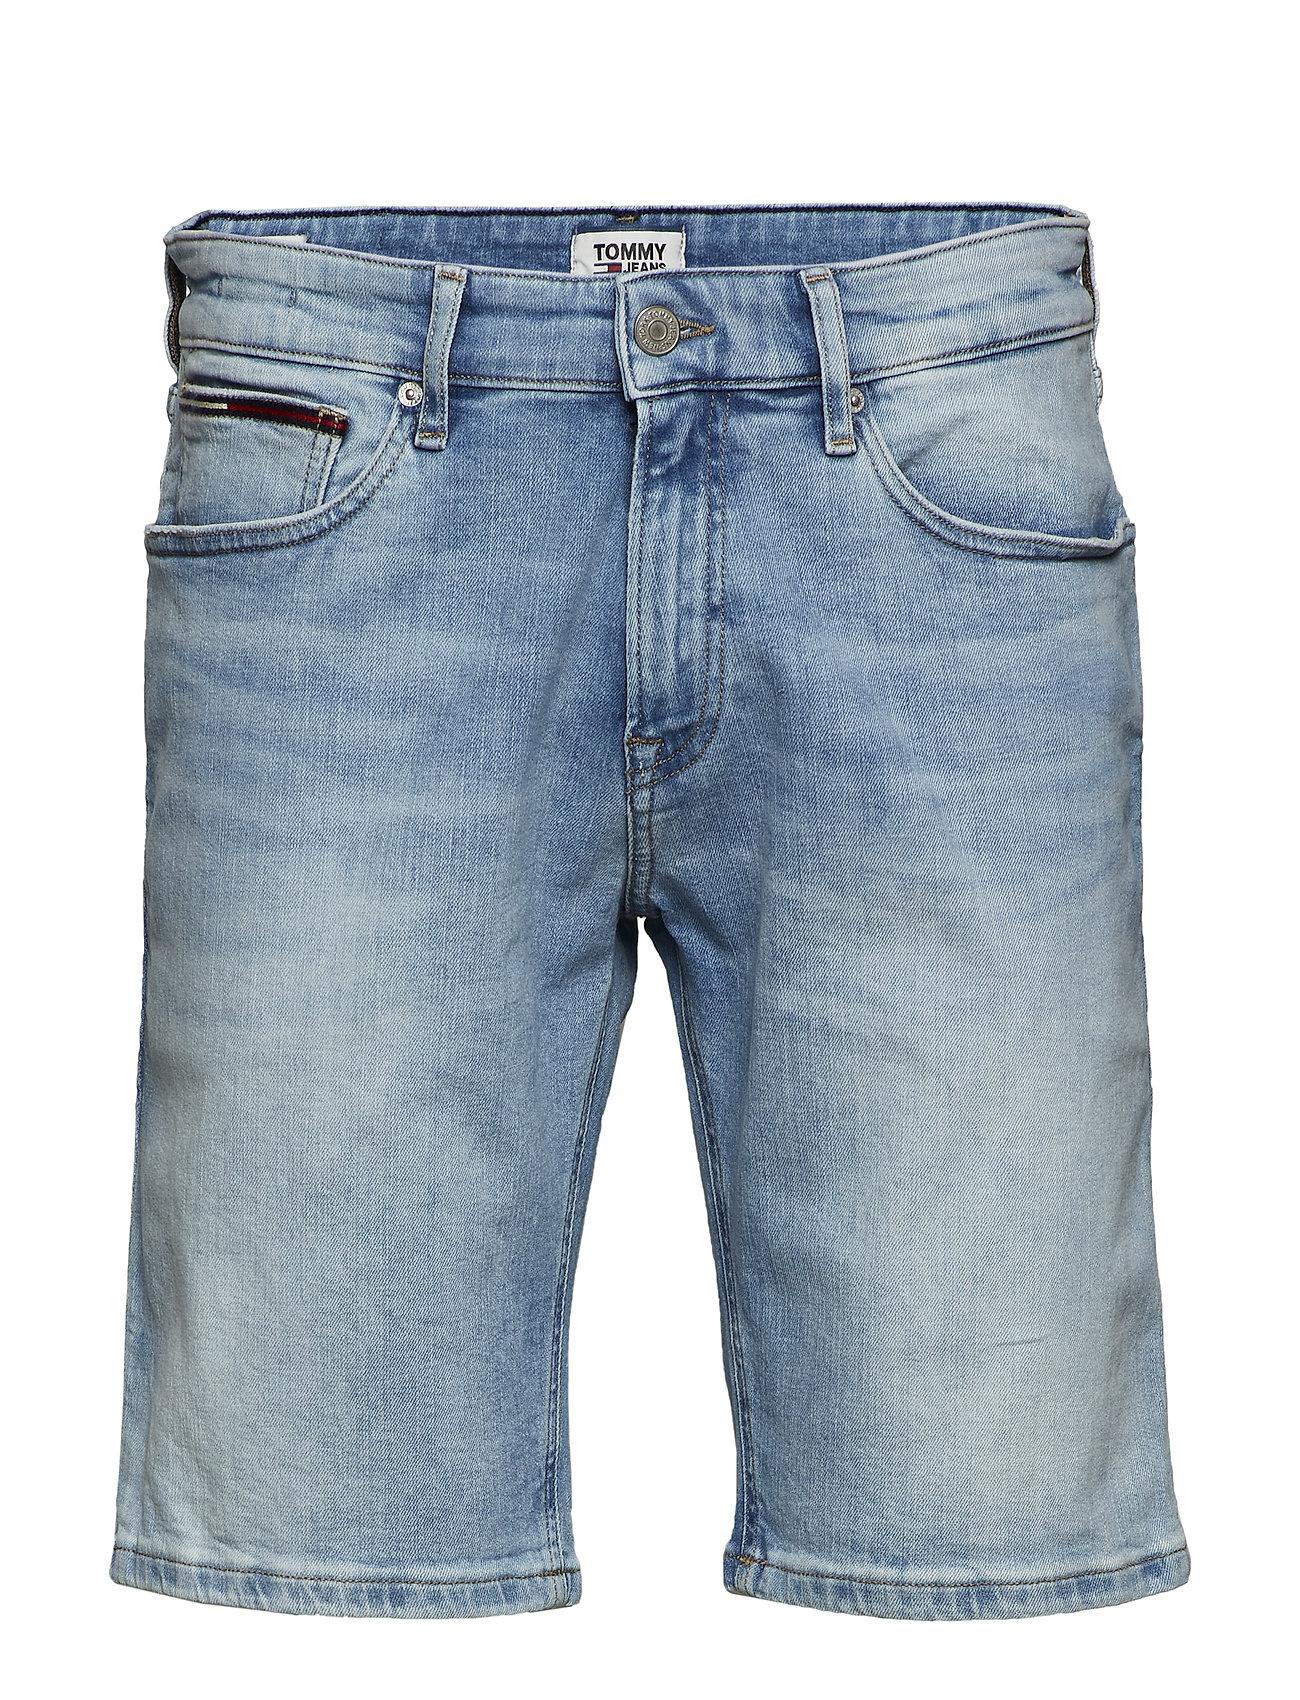 Tommy Jeans SCANTON SLIM SHORT CRTLT - COURT LT BL STR